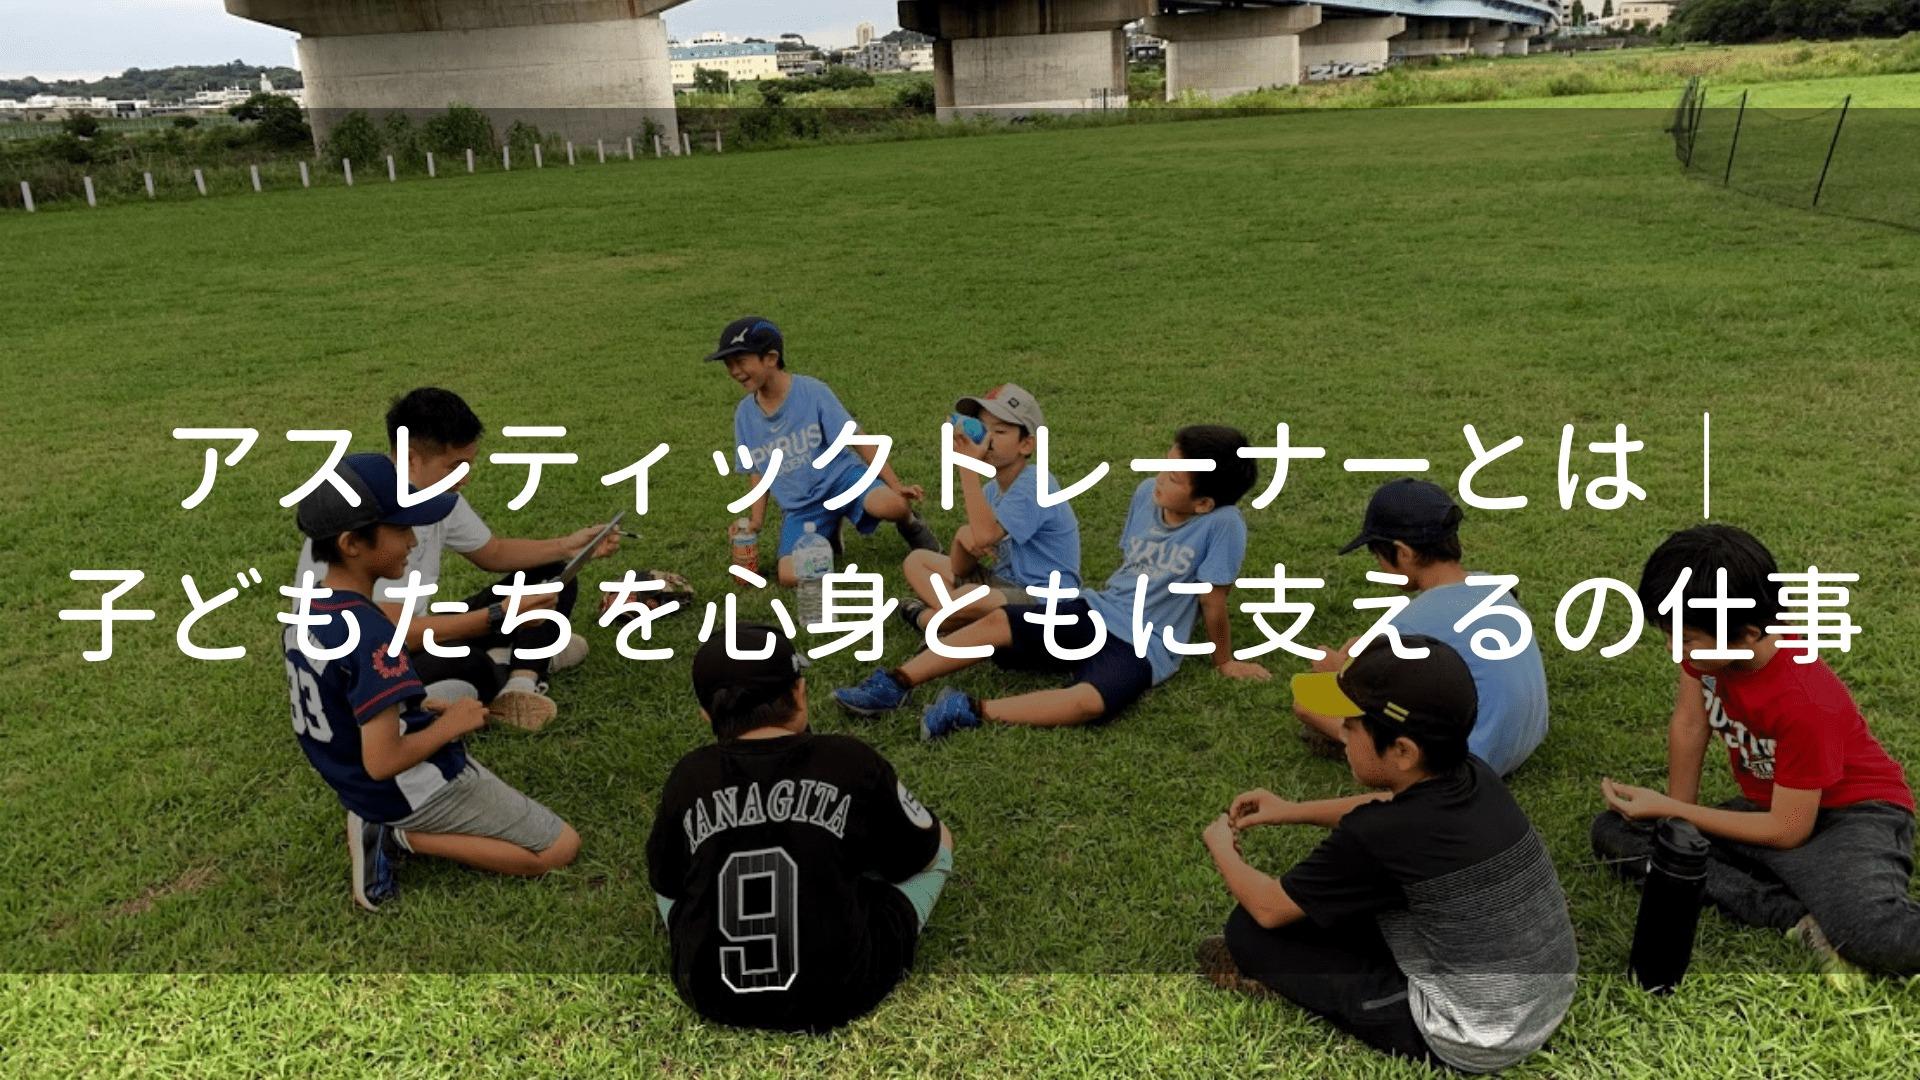 少年野球のアスレティックトレーナーとは|子どもたちを心身ともに支えるの仕事のアイキャッチ